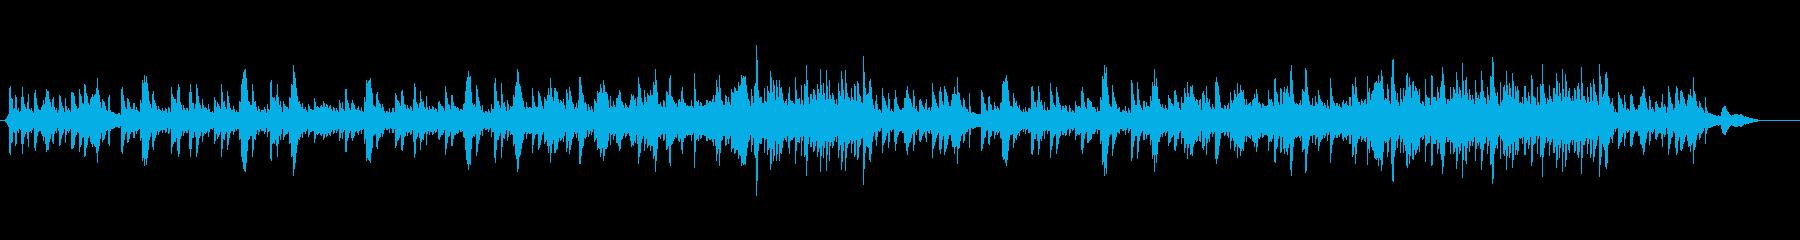 透明感を持ったセンチメンタルなバラードの再生済みの波形